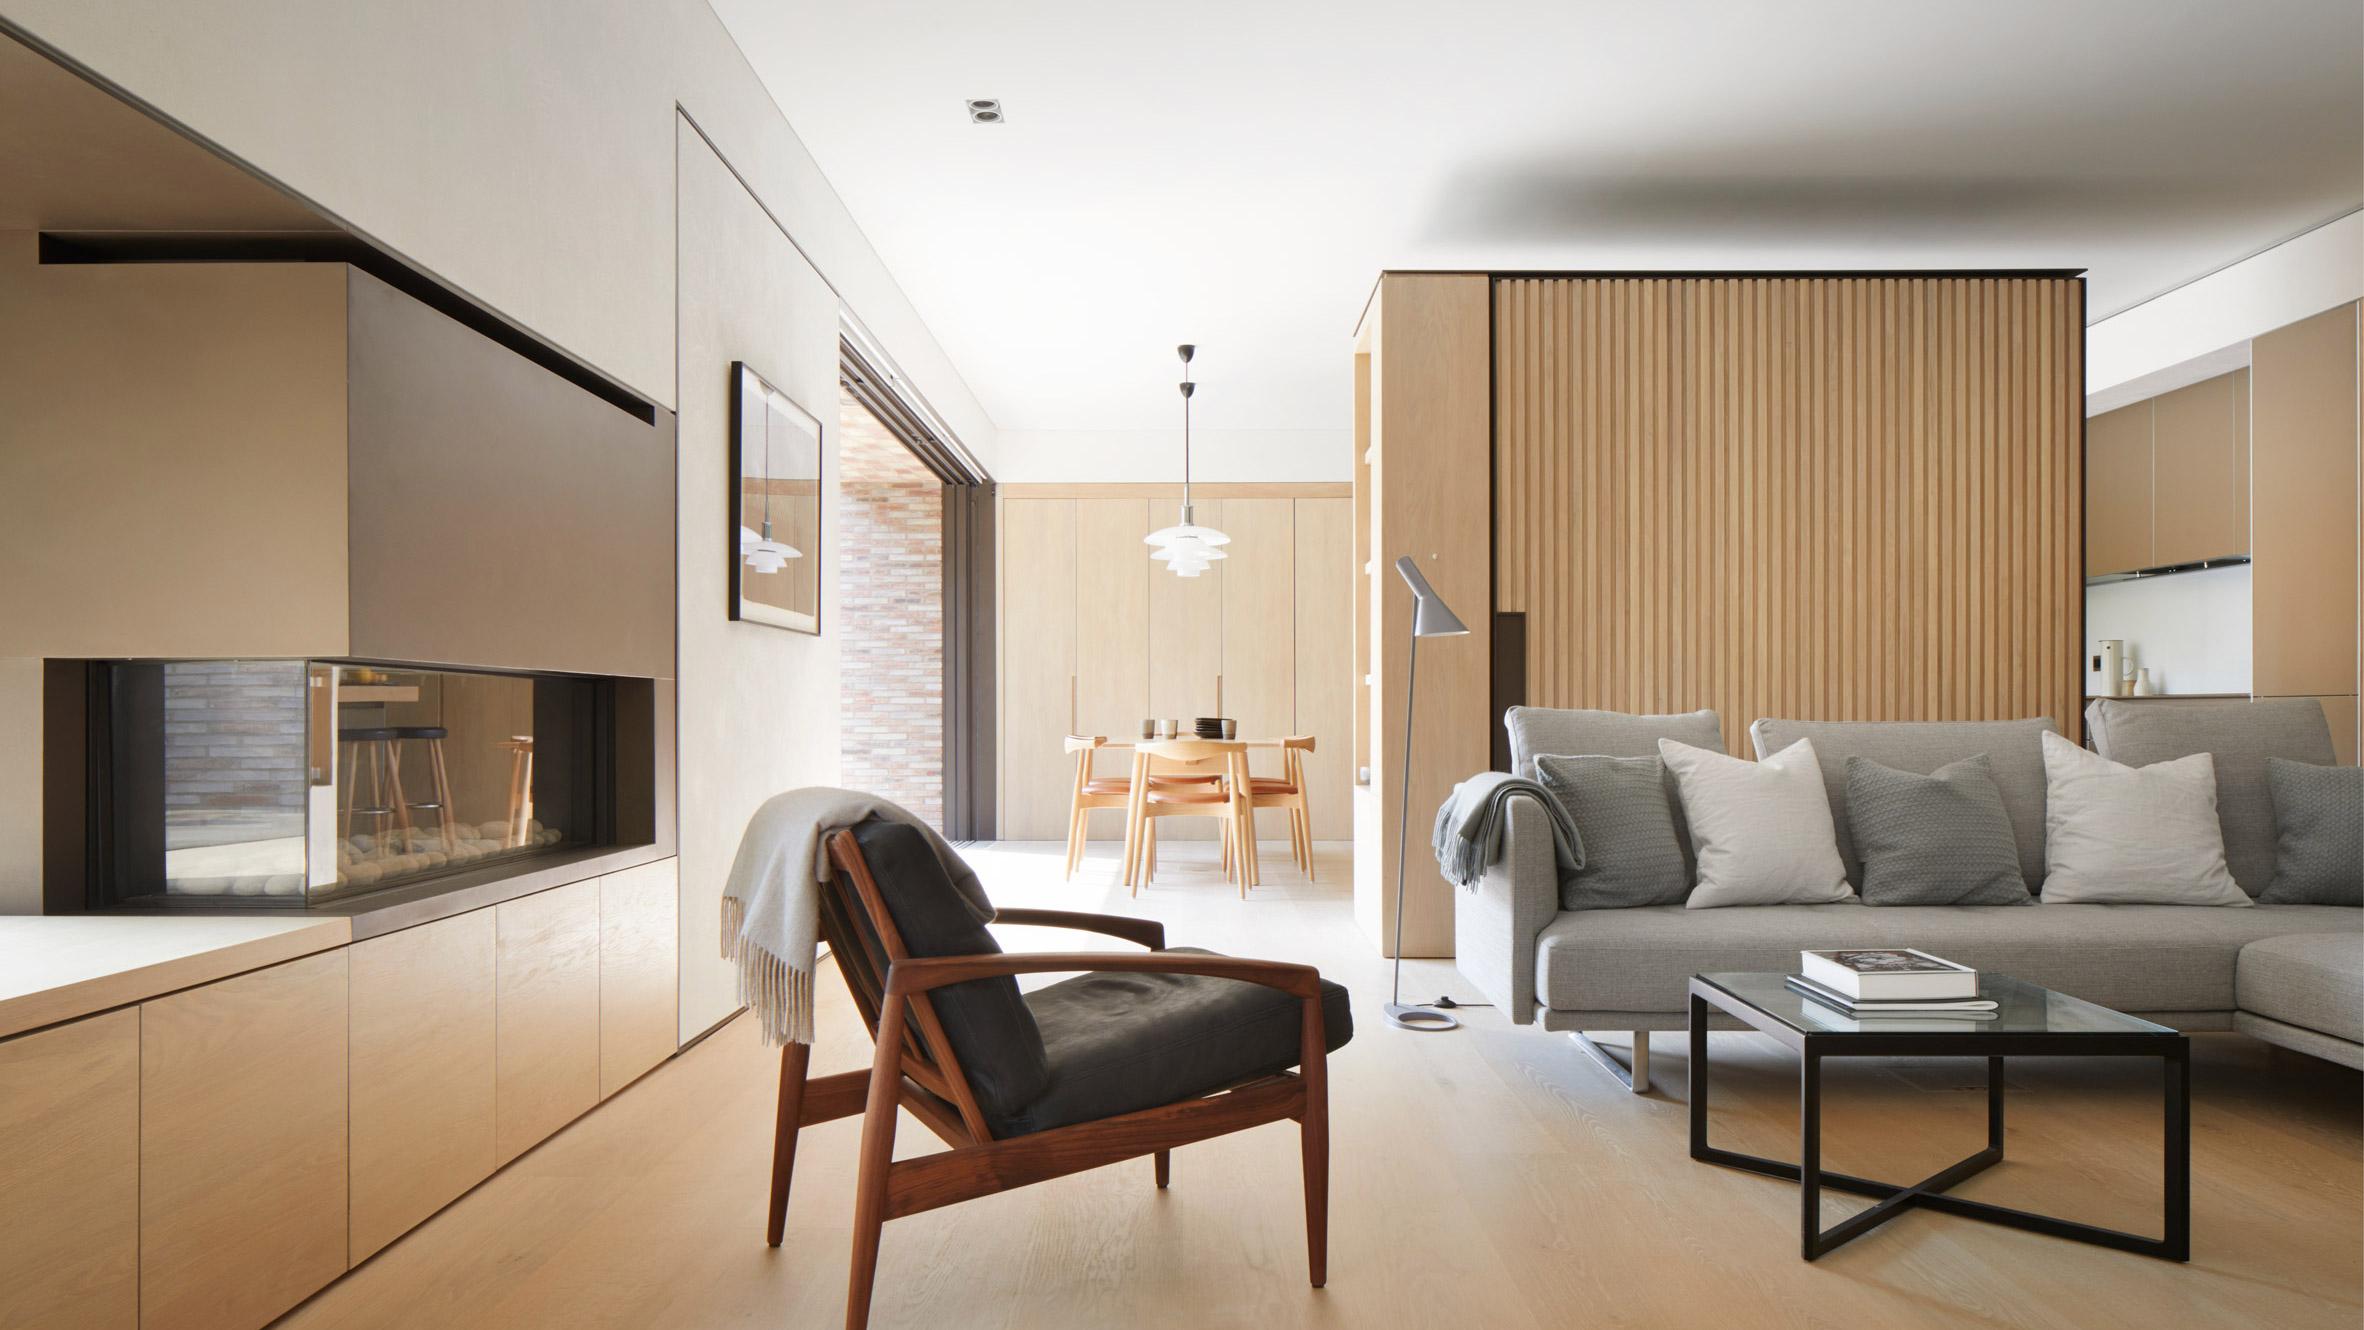 Текстурирана защитна обвивка придава нов вид на къща в Хампстед